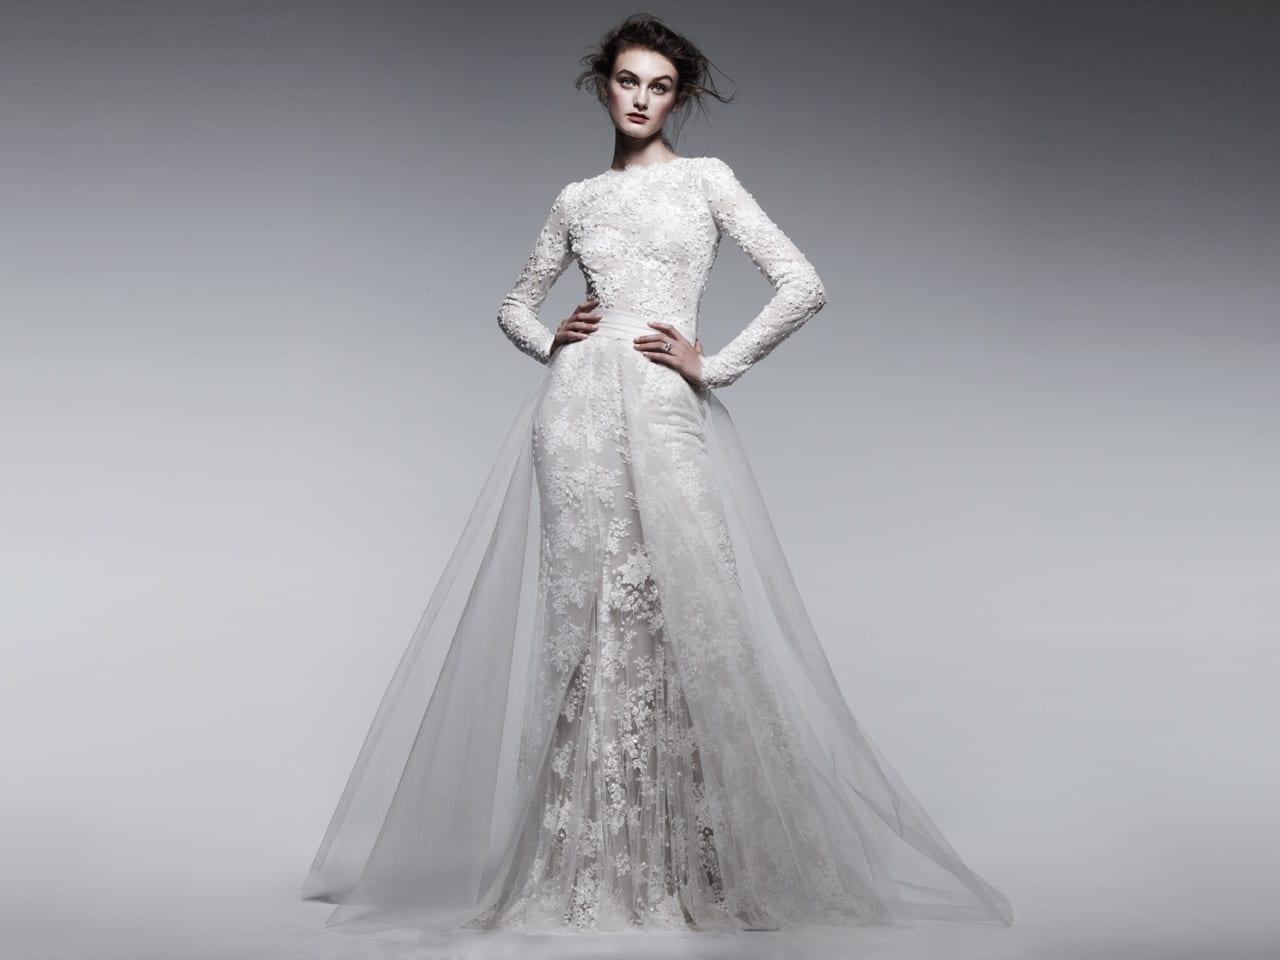 Top 10 Best Wedding Dress Designers In 2019